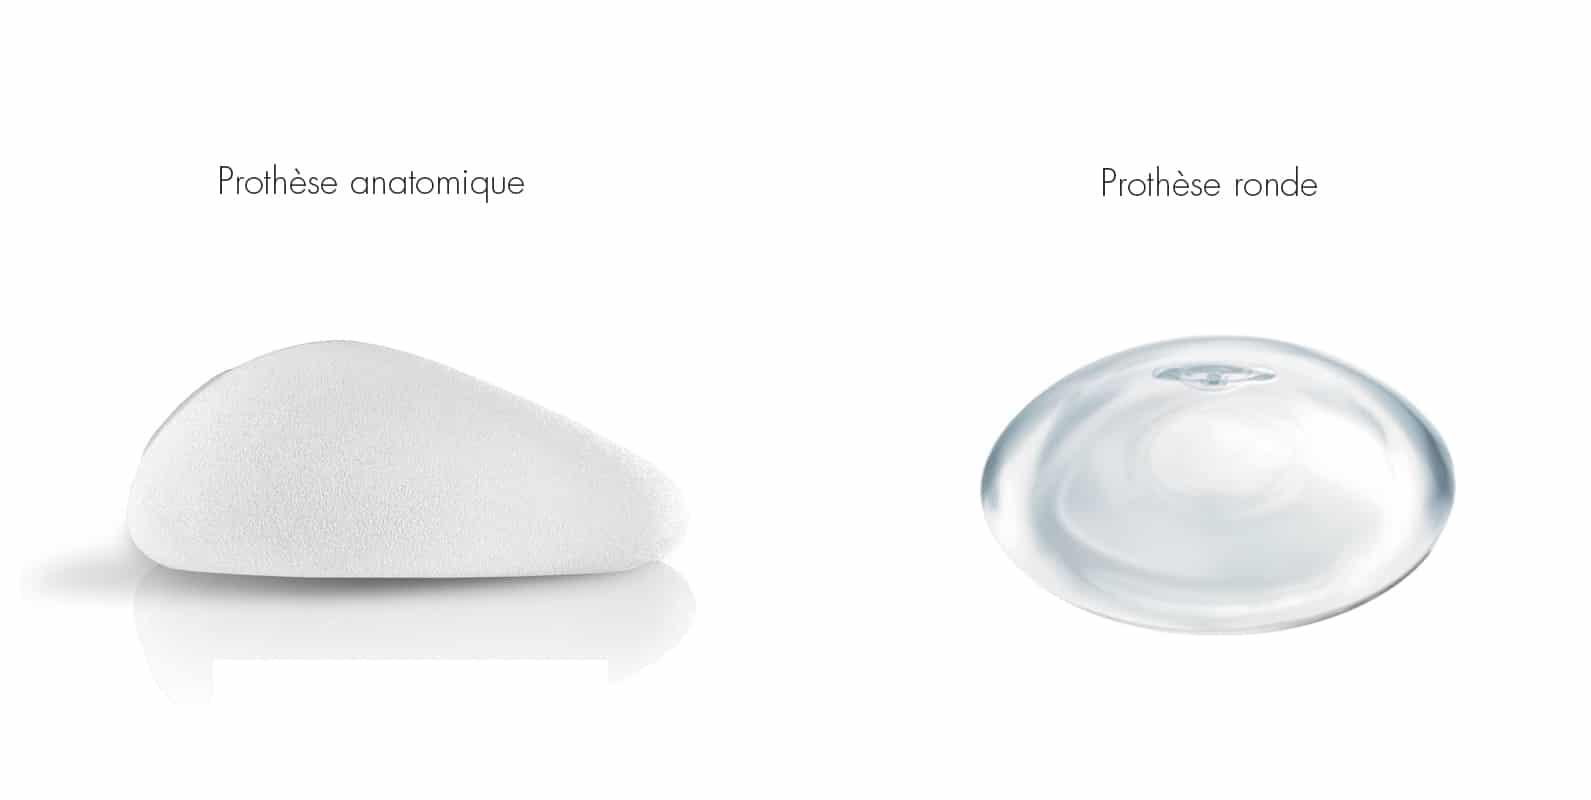 Les implants mammaires par le Docteur Diacakis